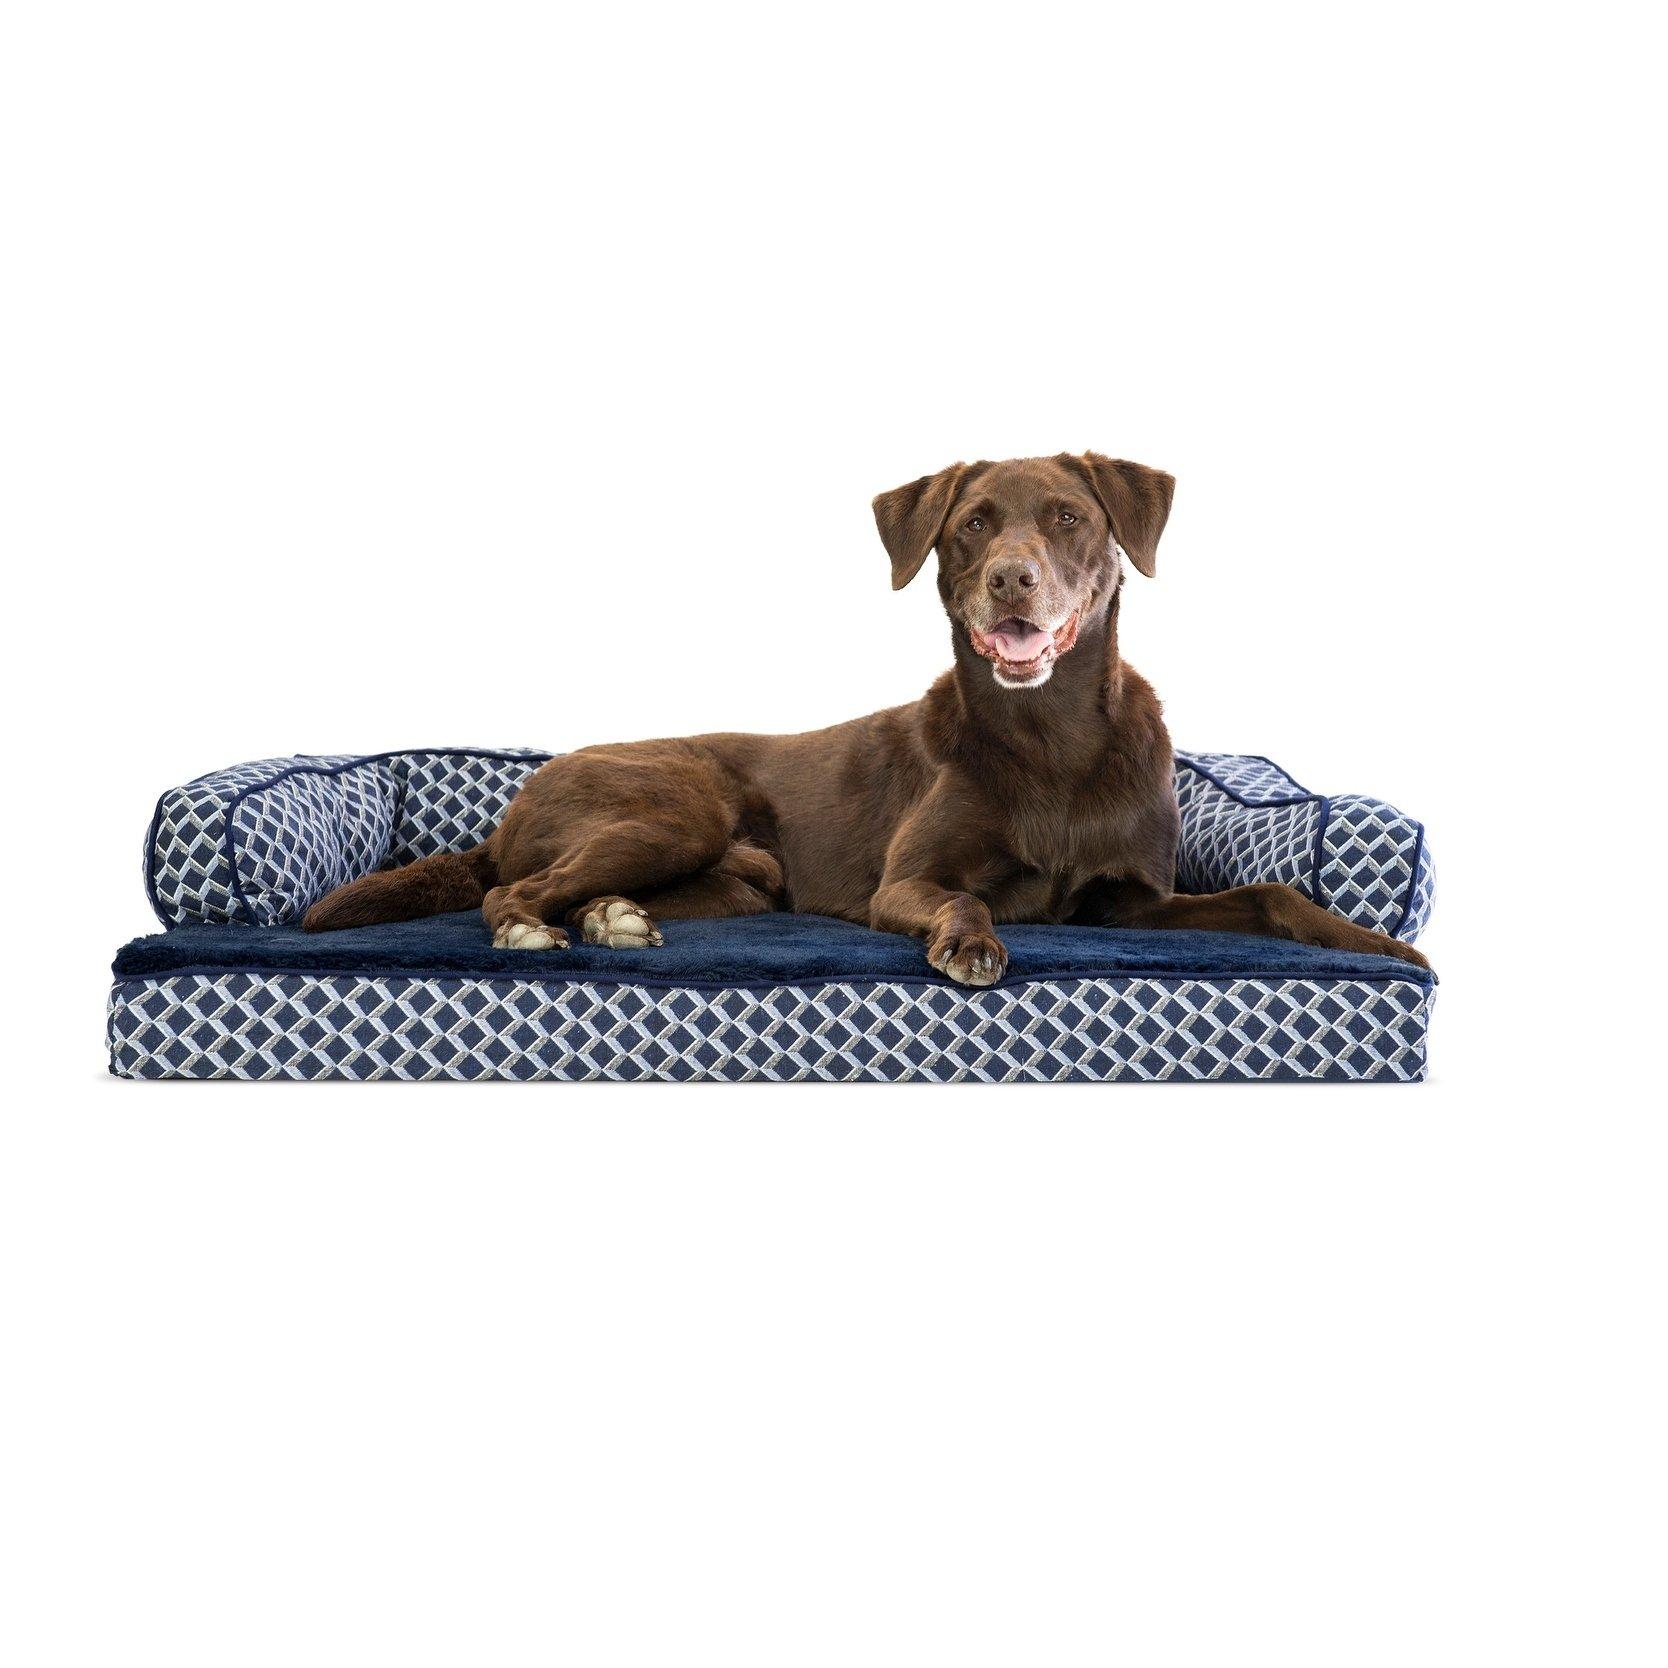 petite FurHaven Plush & Décor Comfy Couch Orthopedic Sofa